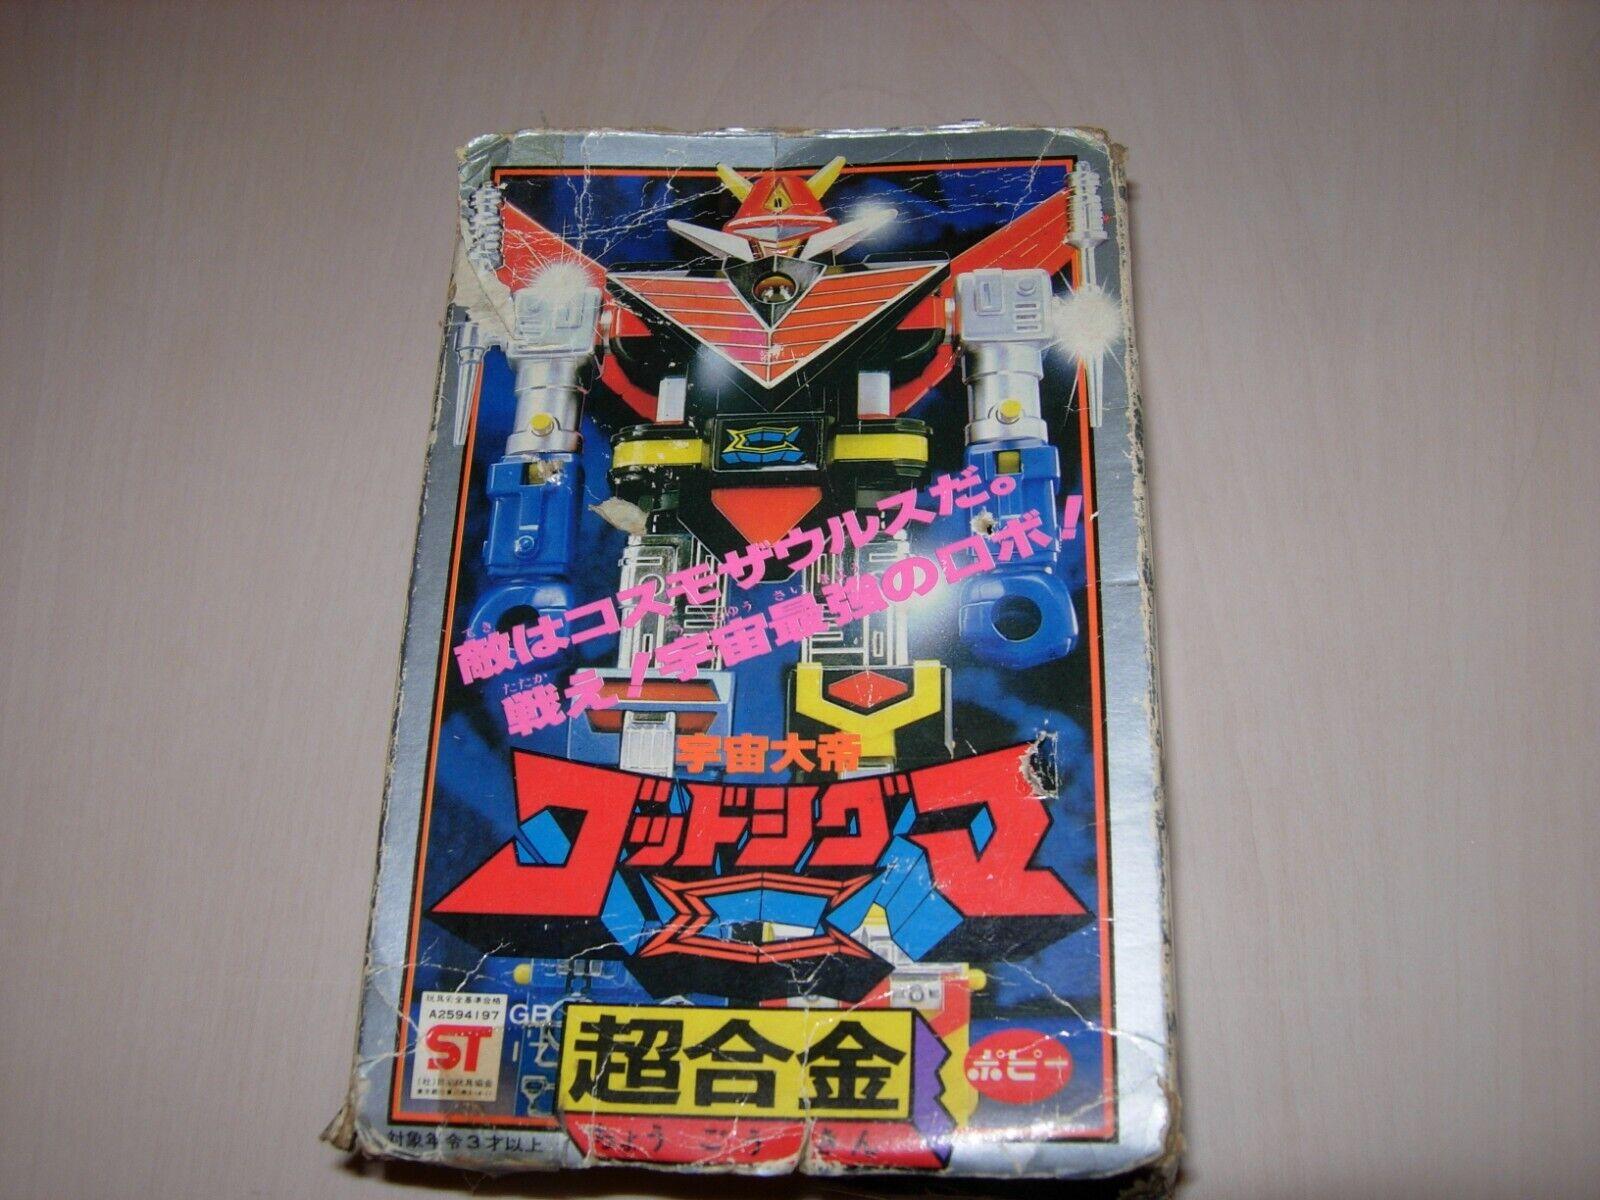 GOD SIGMA ST GA-17 POPY VINTAGE JAPAN  IN scatola CHOGOre  tutto in alta qualità e prezzo basso